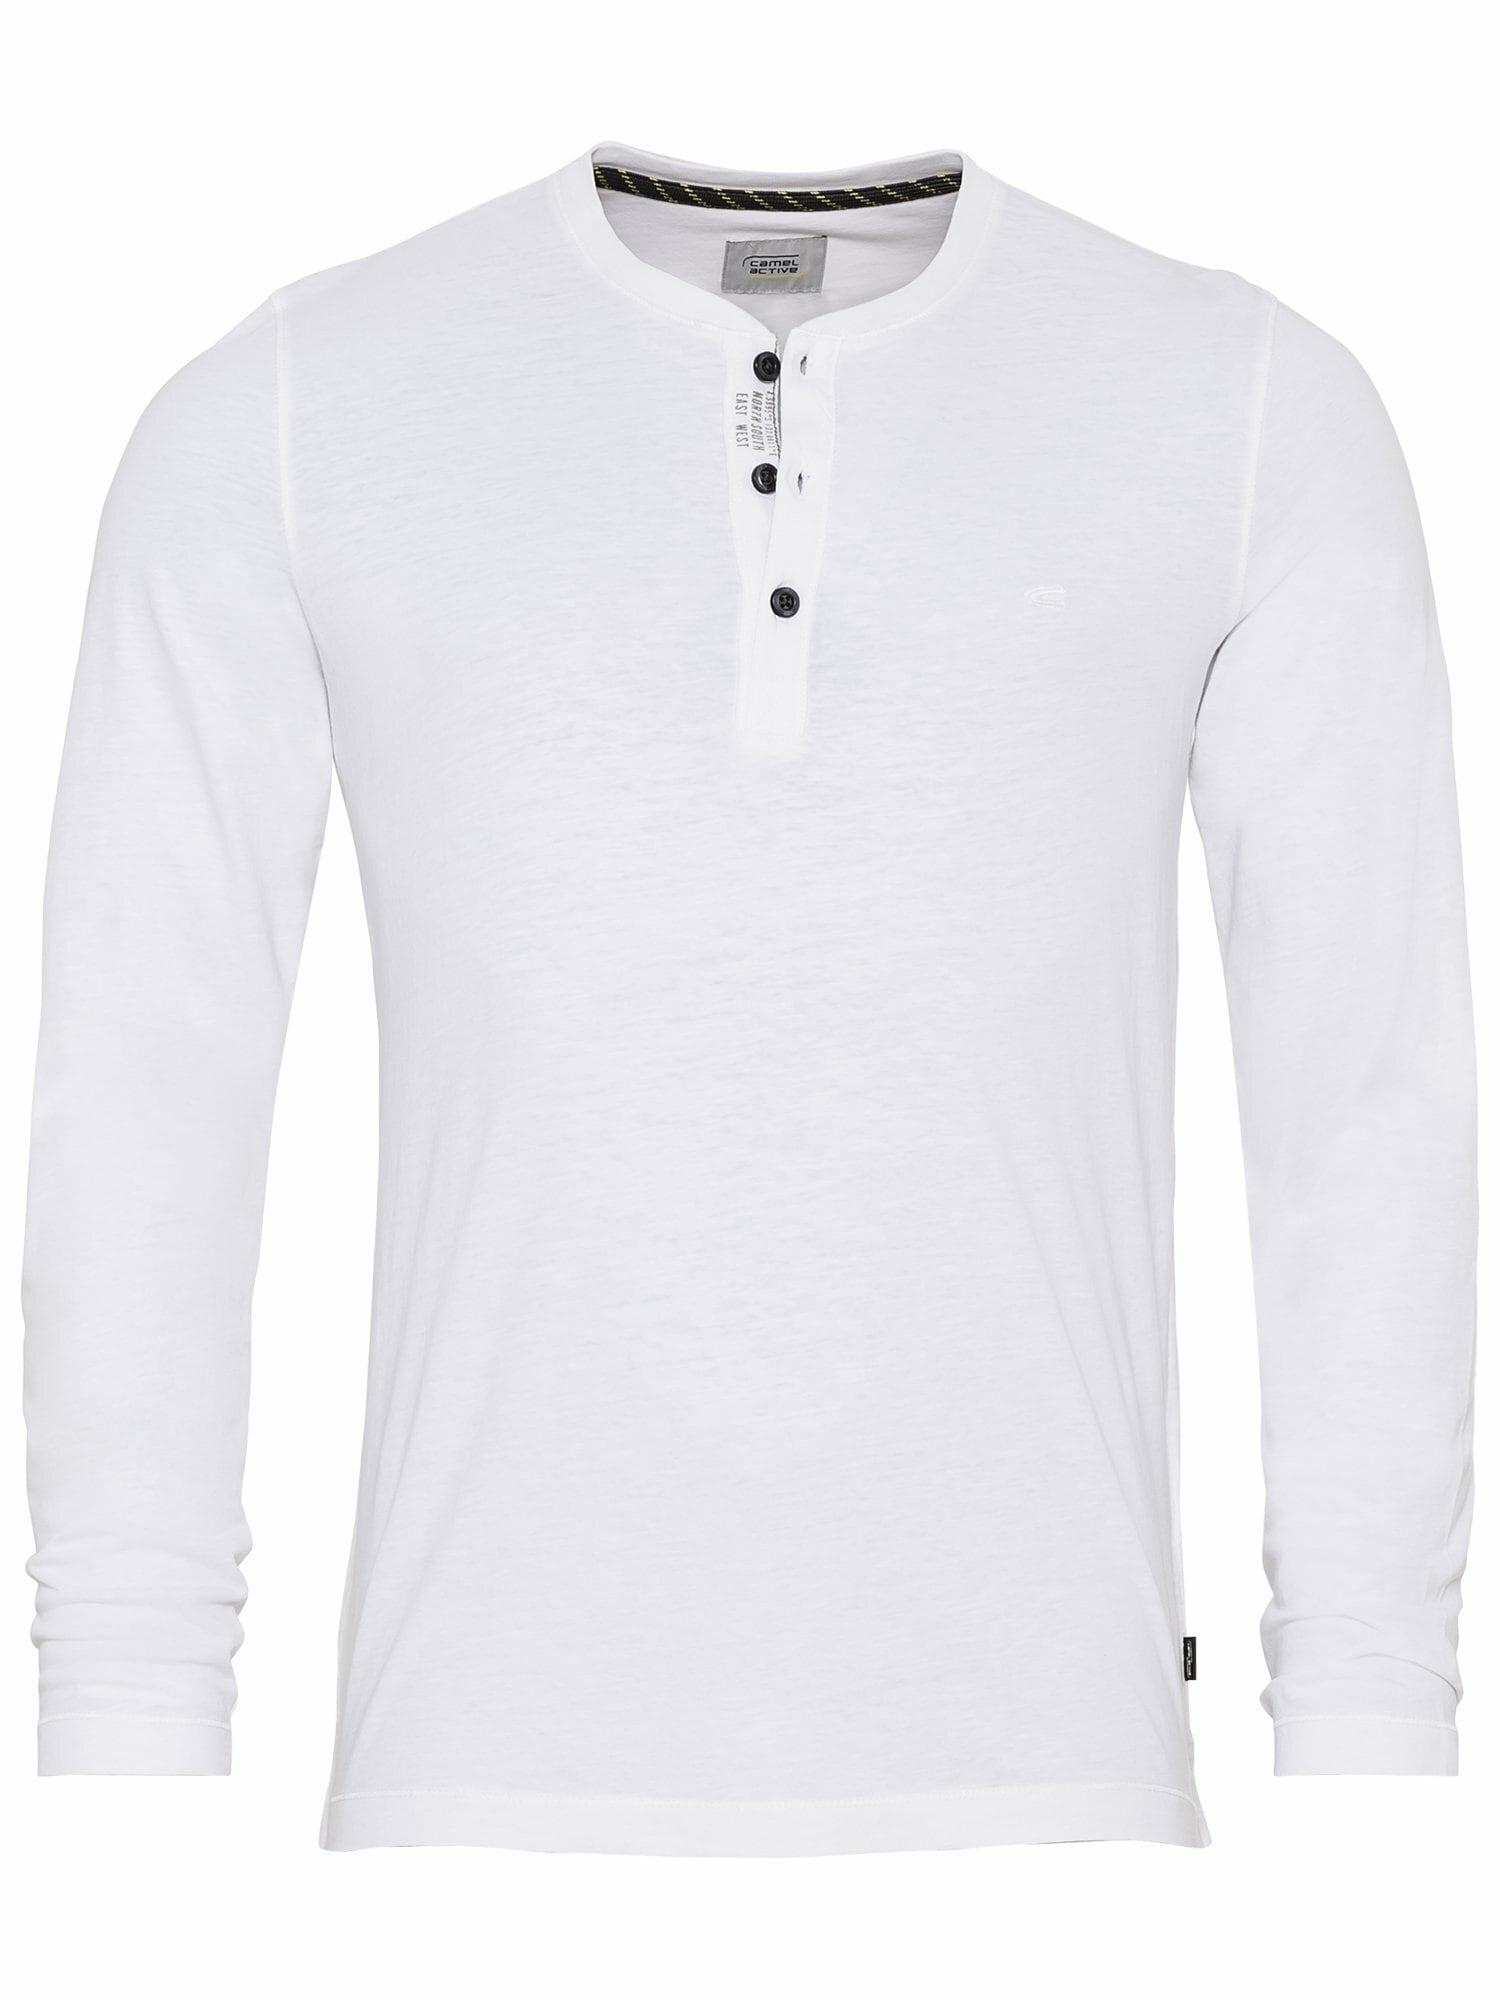 CAMEL ACTIVE Marškinėliai balkšva